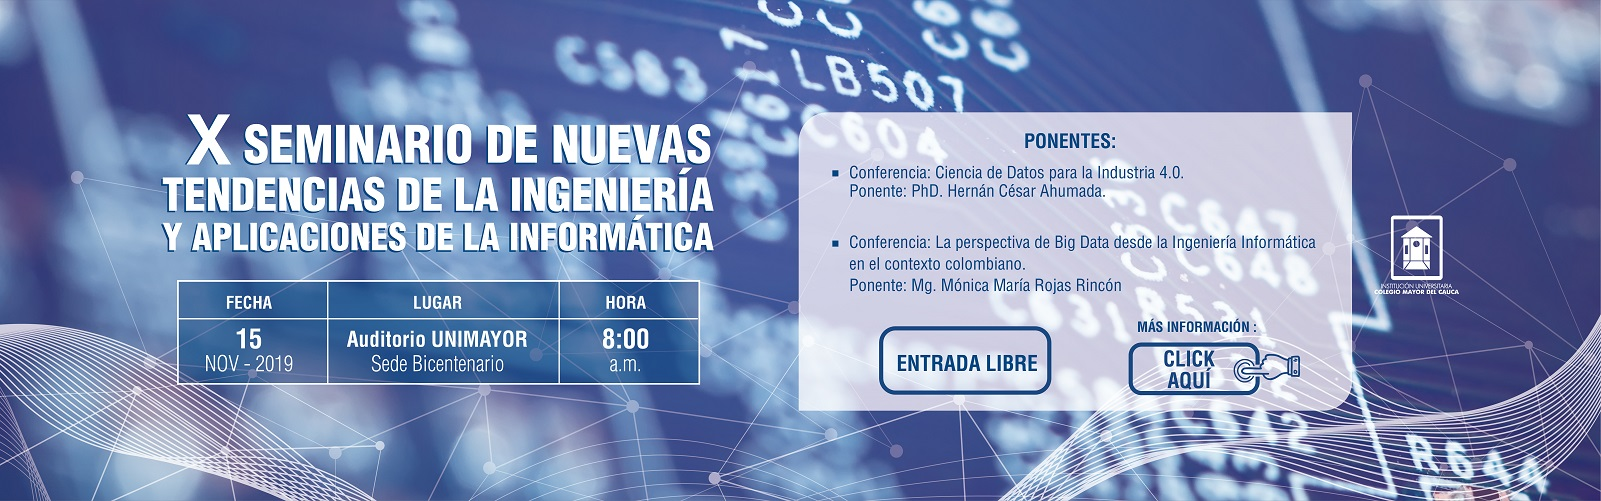 X_Seminario_Tec_Ing__BANNER